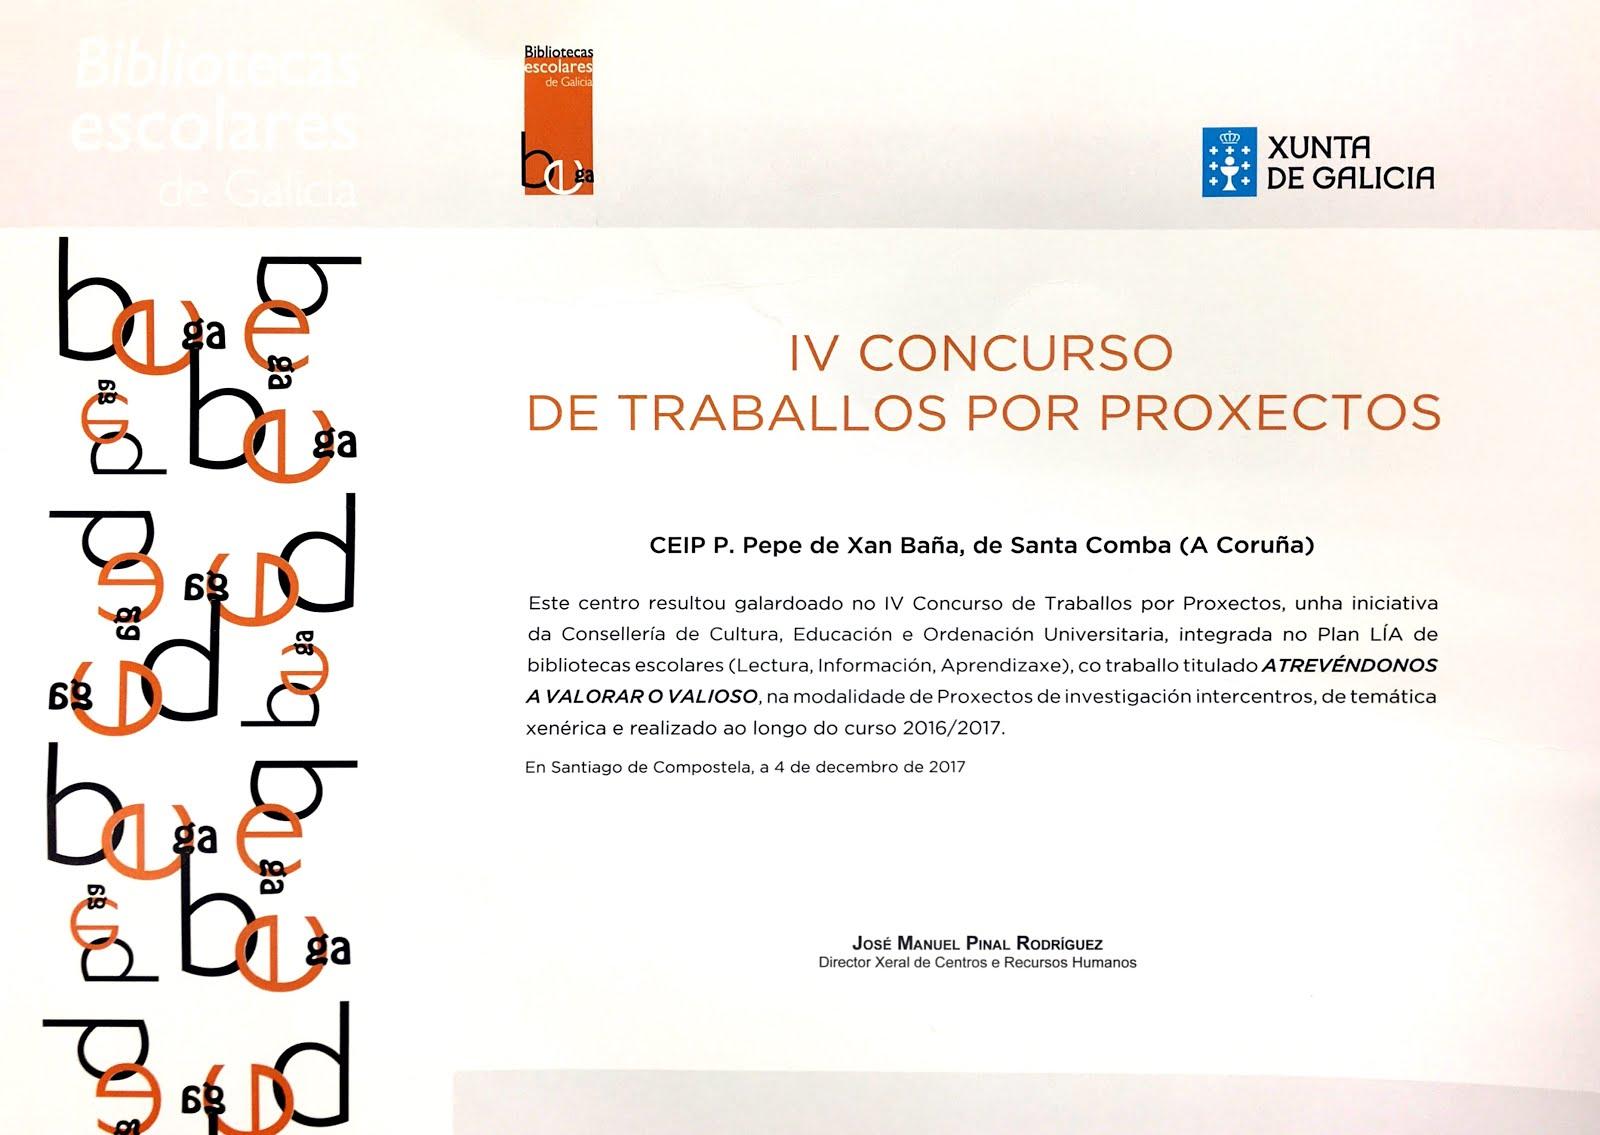 PREMIO IV CONCURSO DE TRABALLO POR PROXECTOS DE BIBLIOTECAS ESCOLARES DE GALICIA